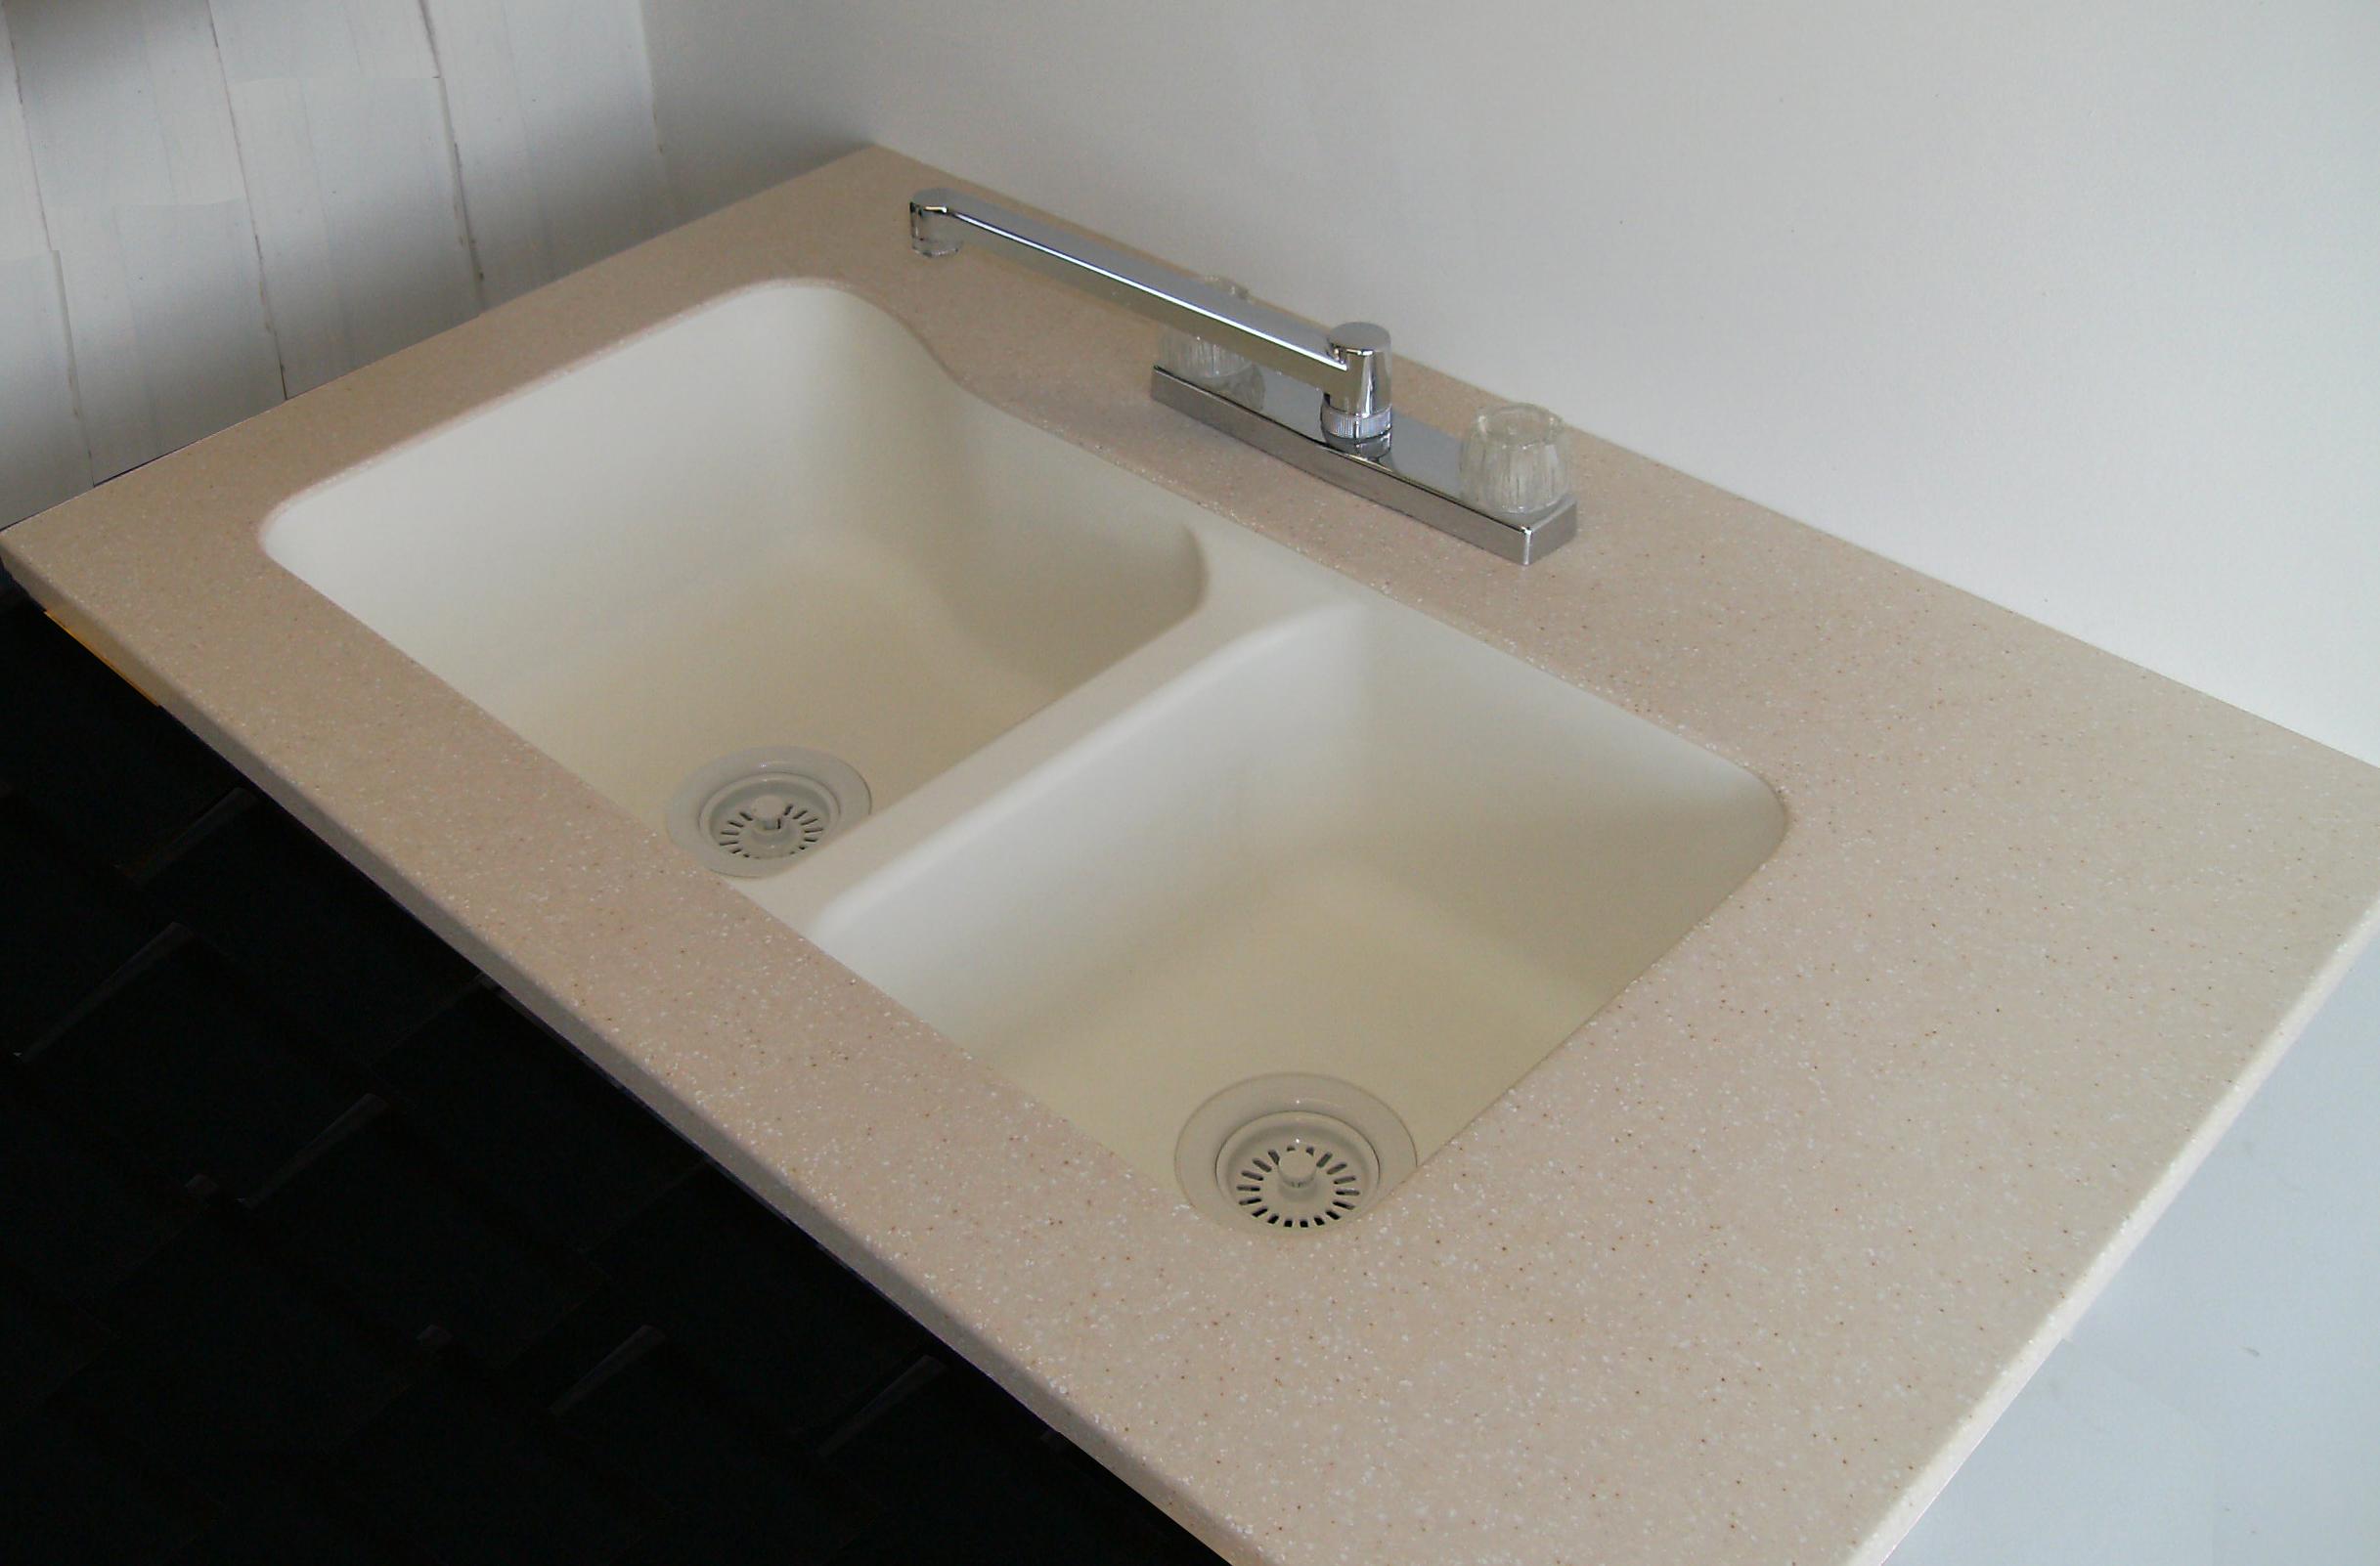 19 x 33   kitchen sink   creme 19 x 33 u2033 60 40 undermount kitchen sink  u2013 creme  u2013 american      rh   rv sinks com